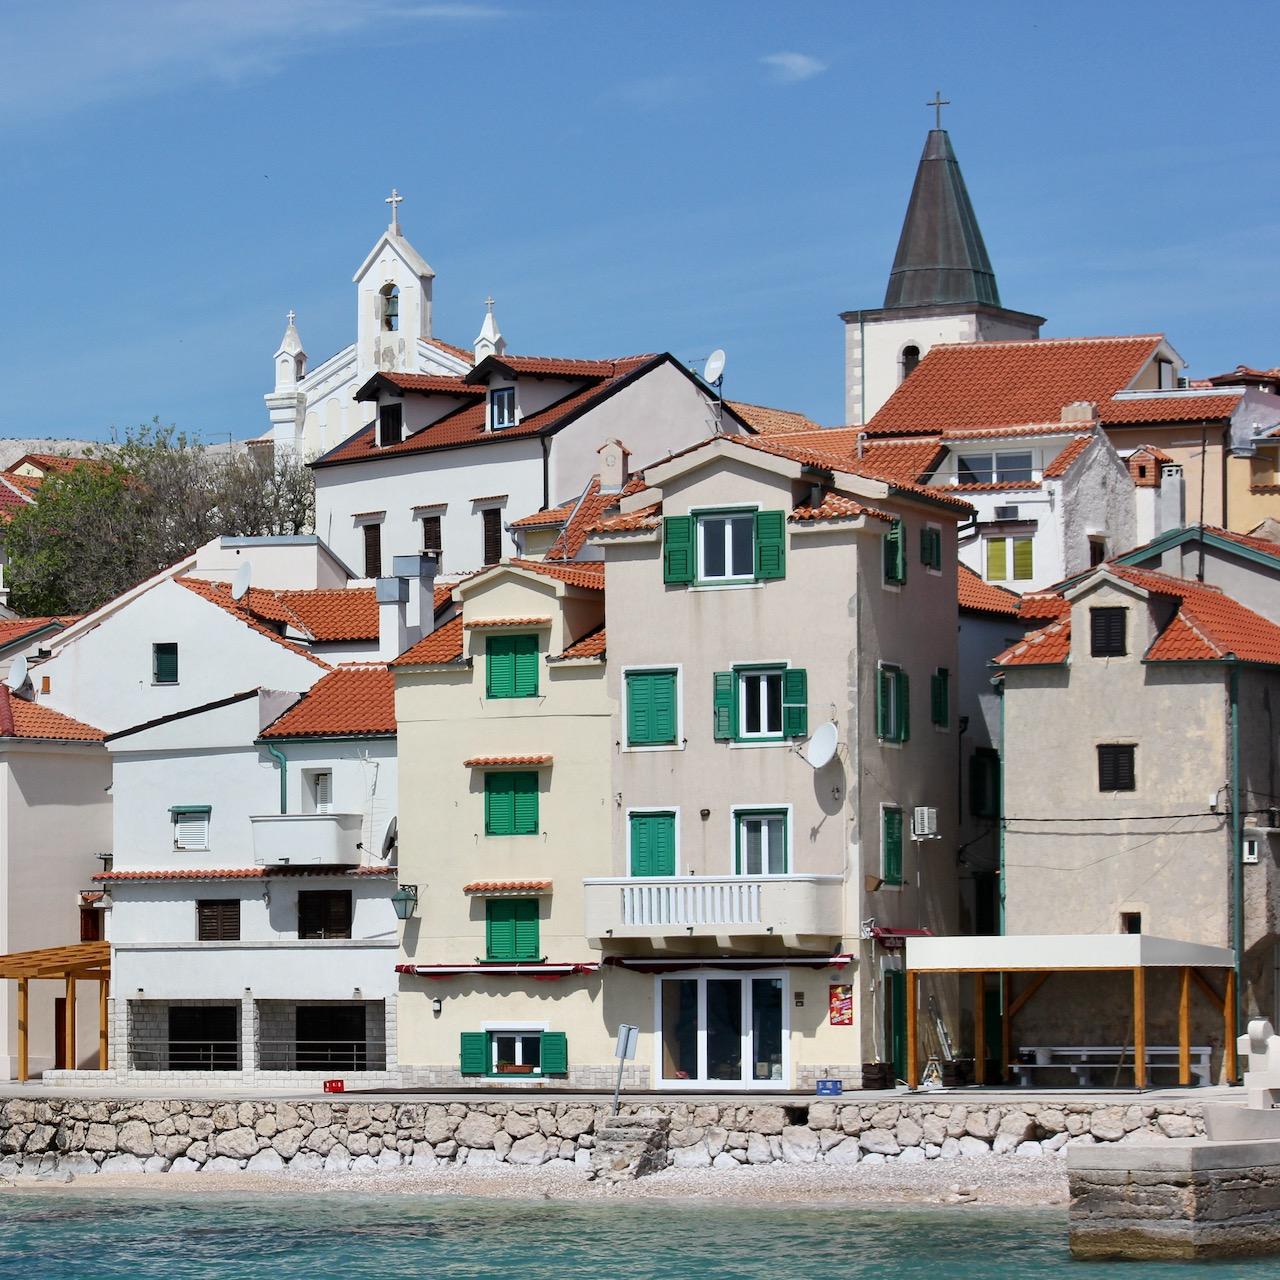 Baska, Krk, Croatia - 1 (4)